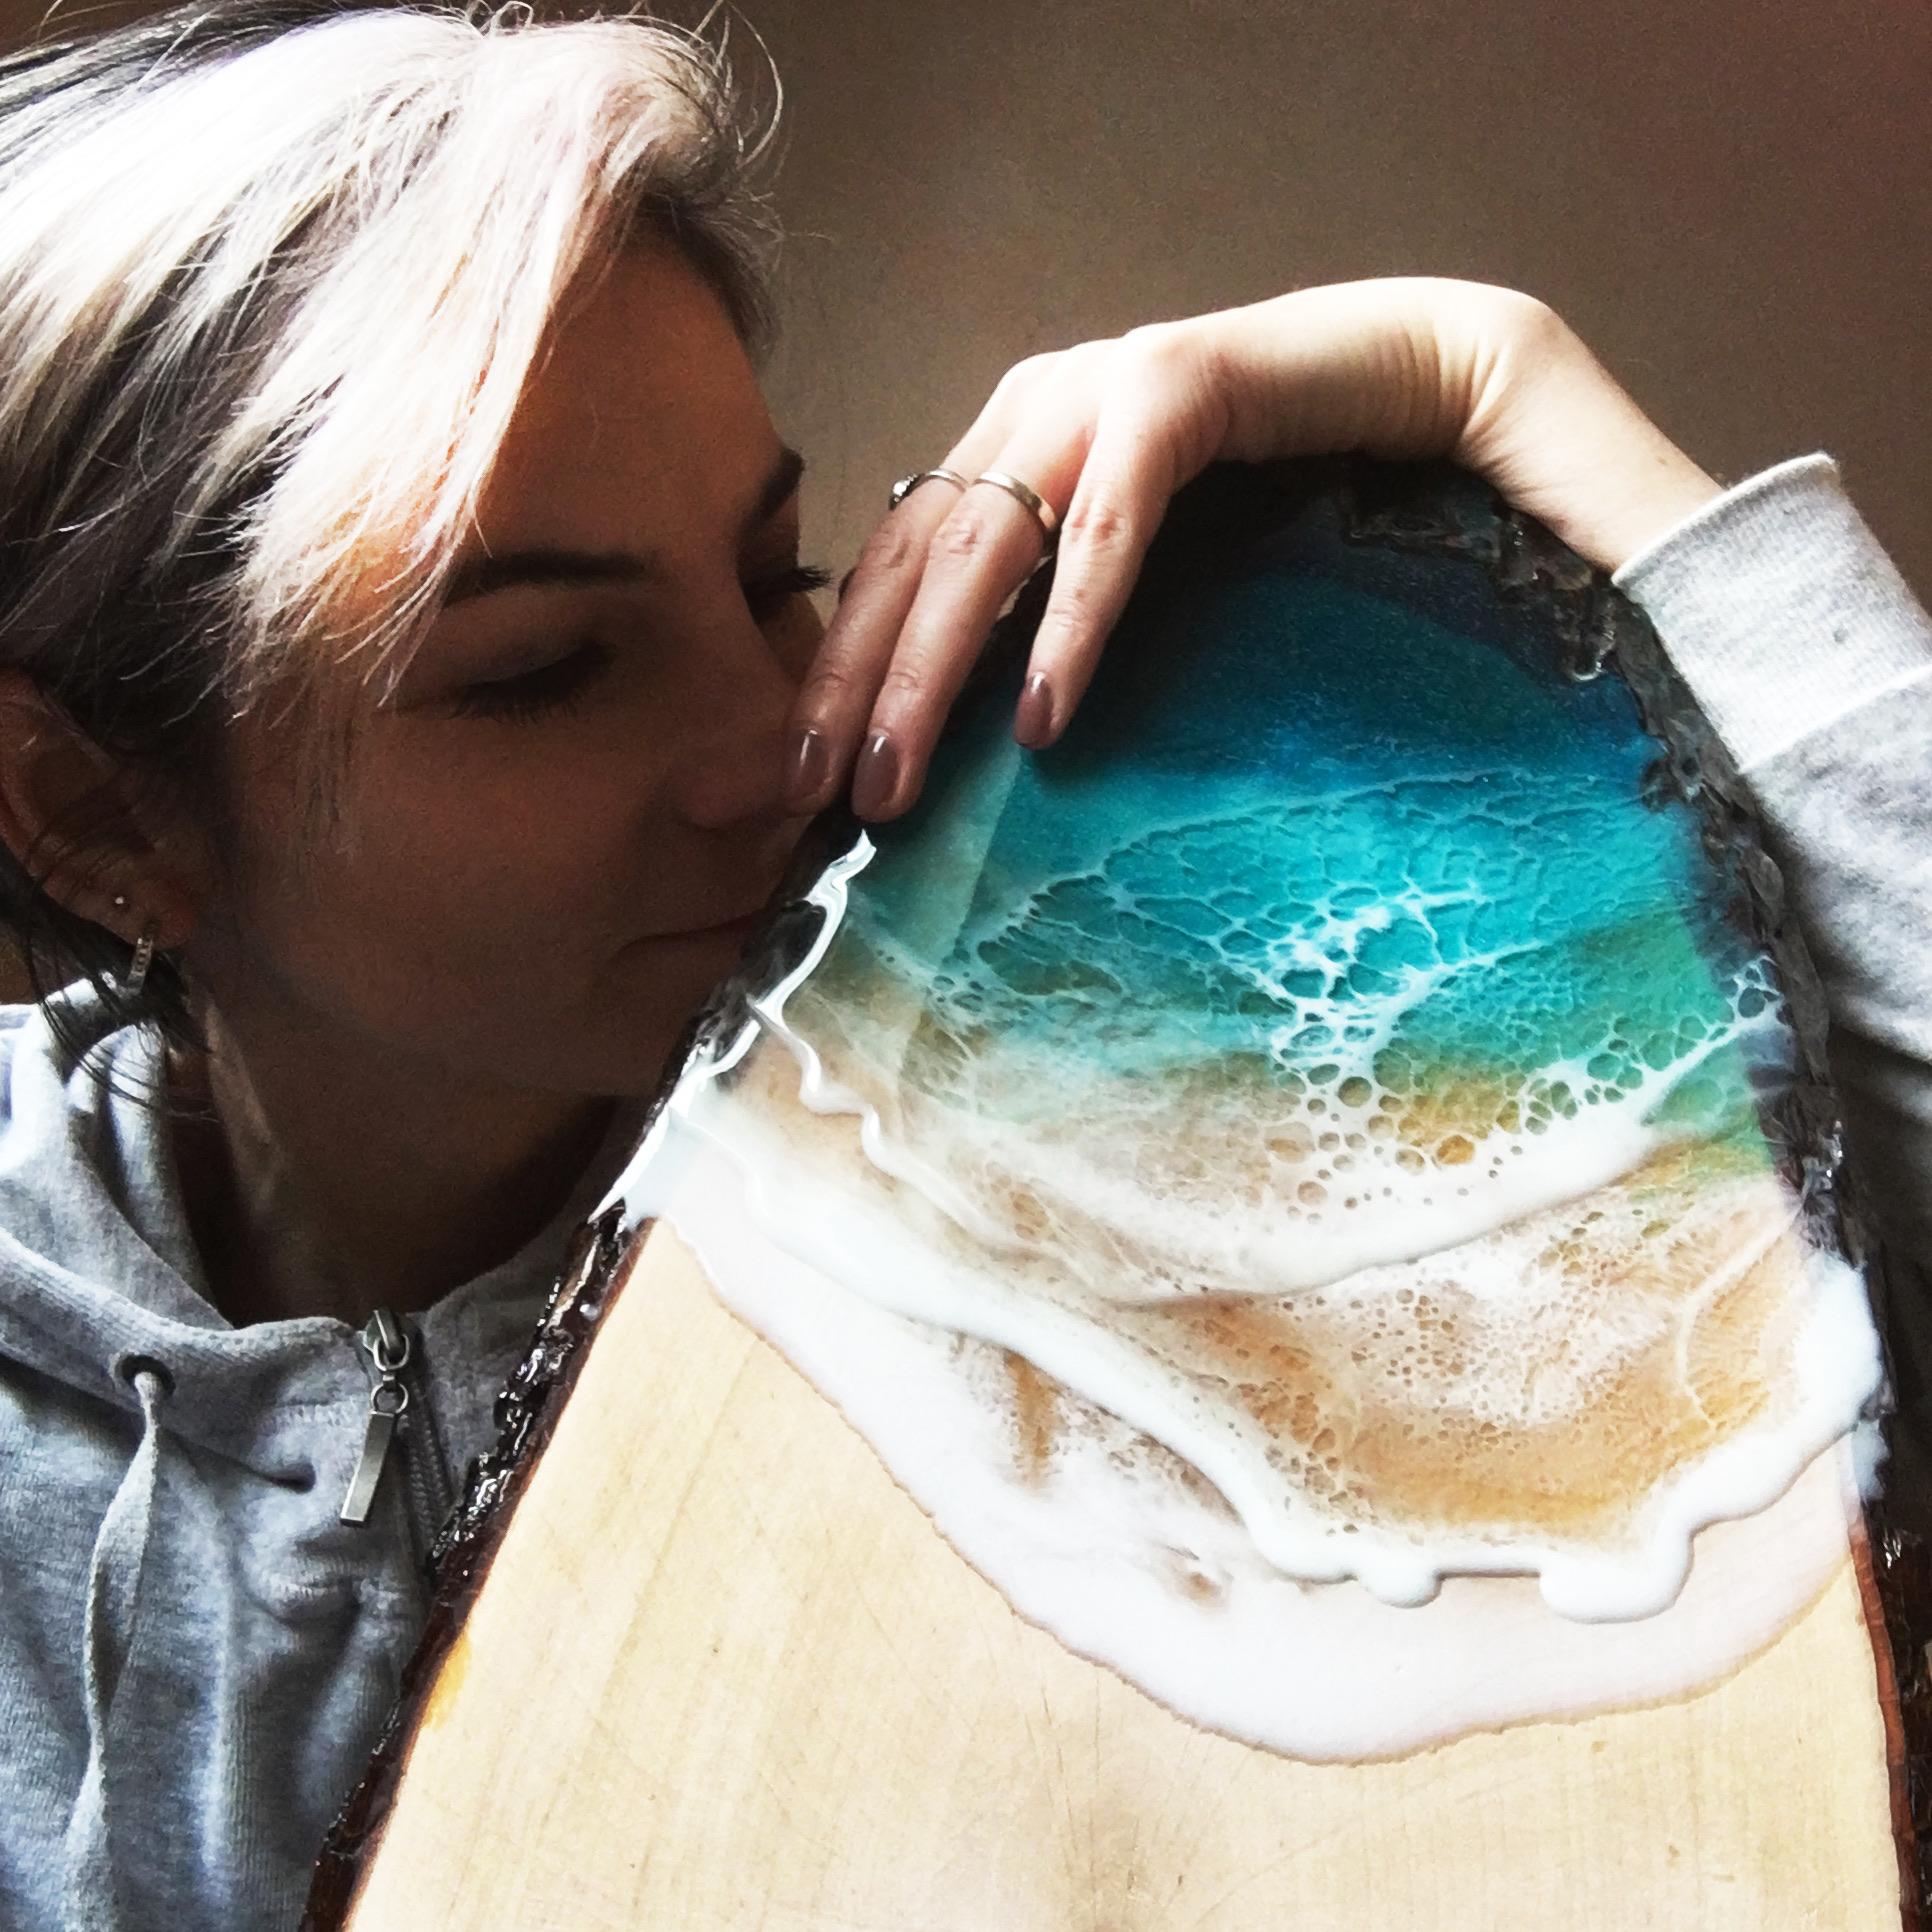 Artist Kristina Karg